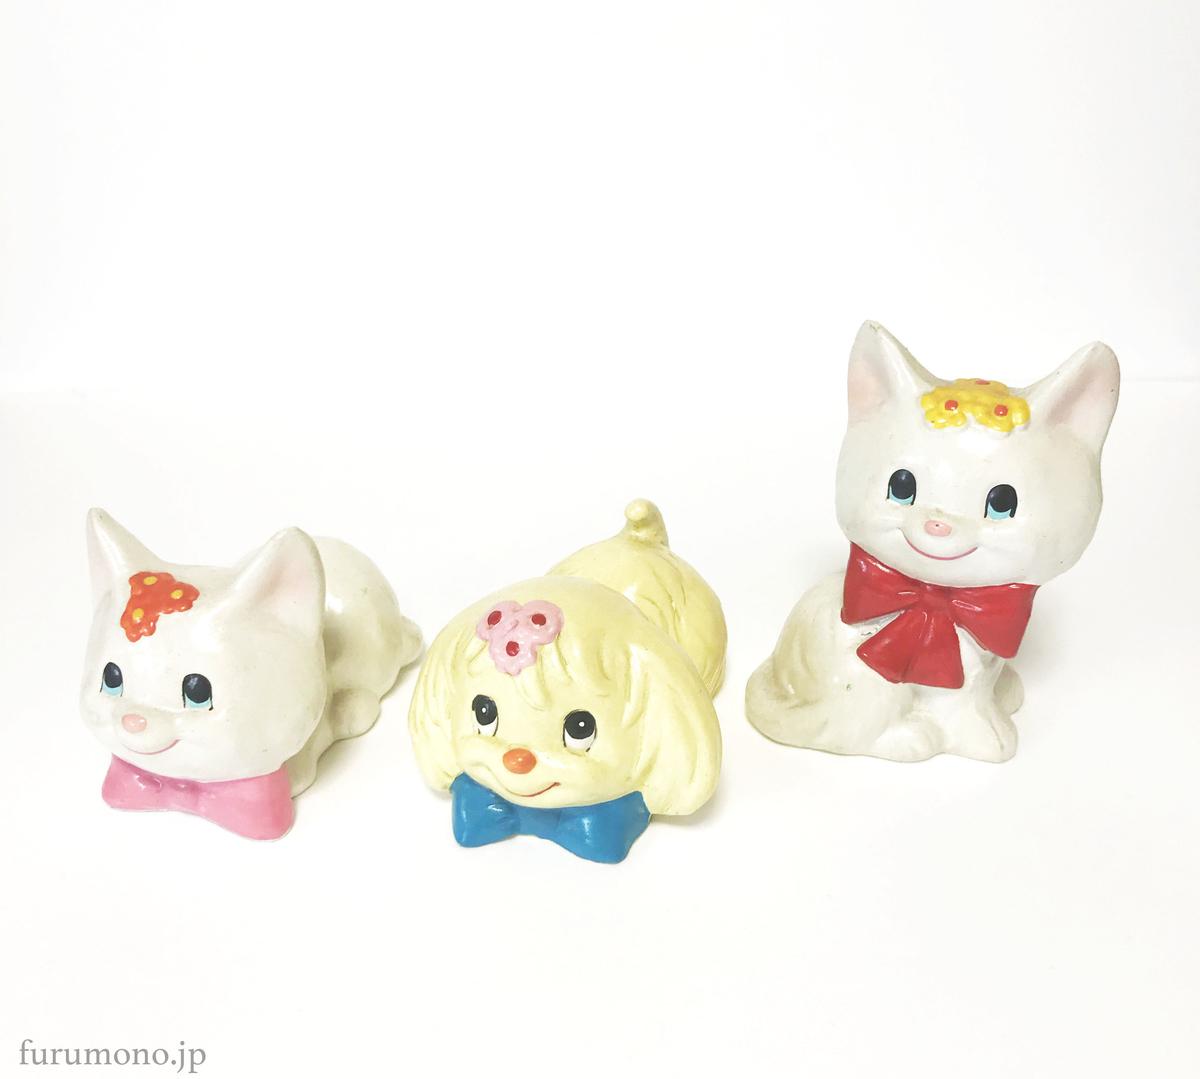 昭和レトロな可愛らしい犬と猫のオブジェ